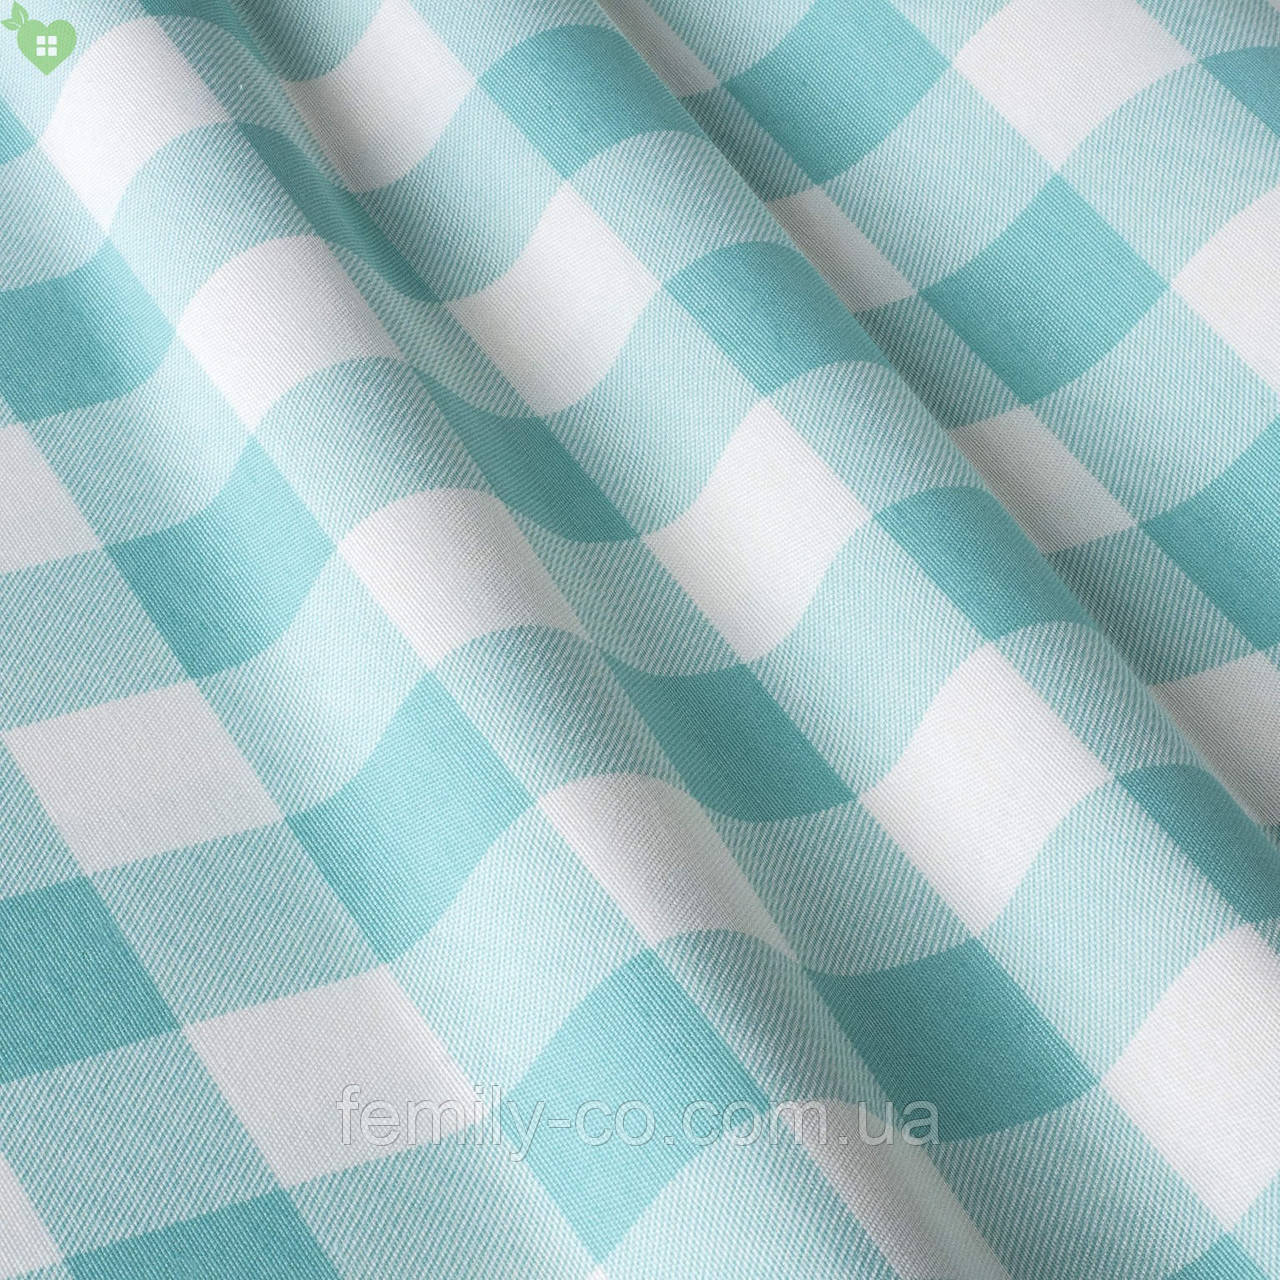 Декоративная ткань в мелкую бирюзовую клетку Турция 015236v2